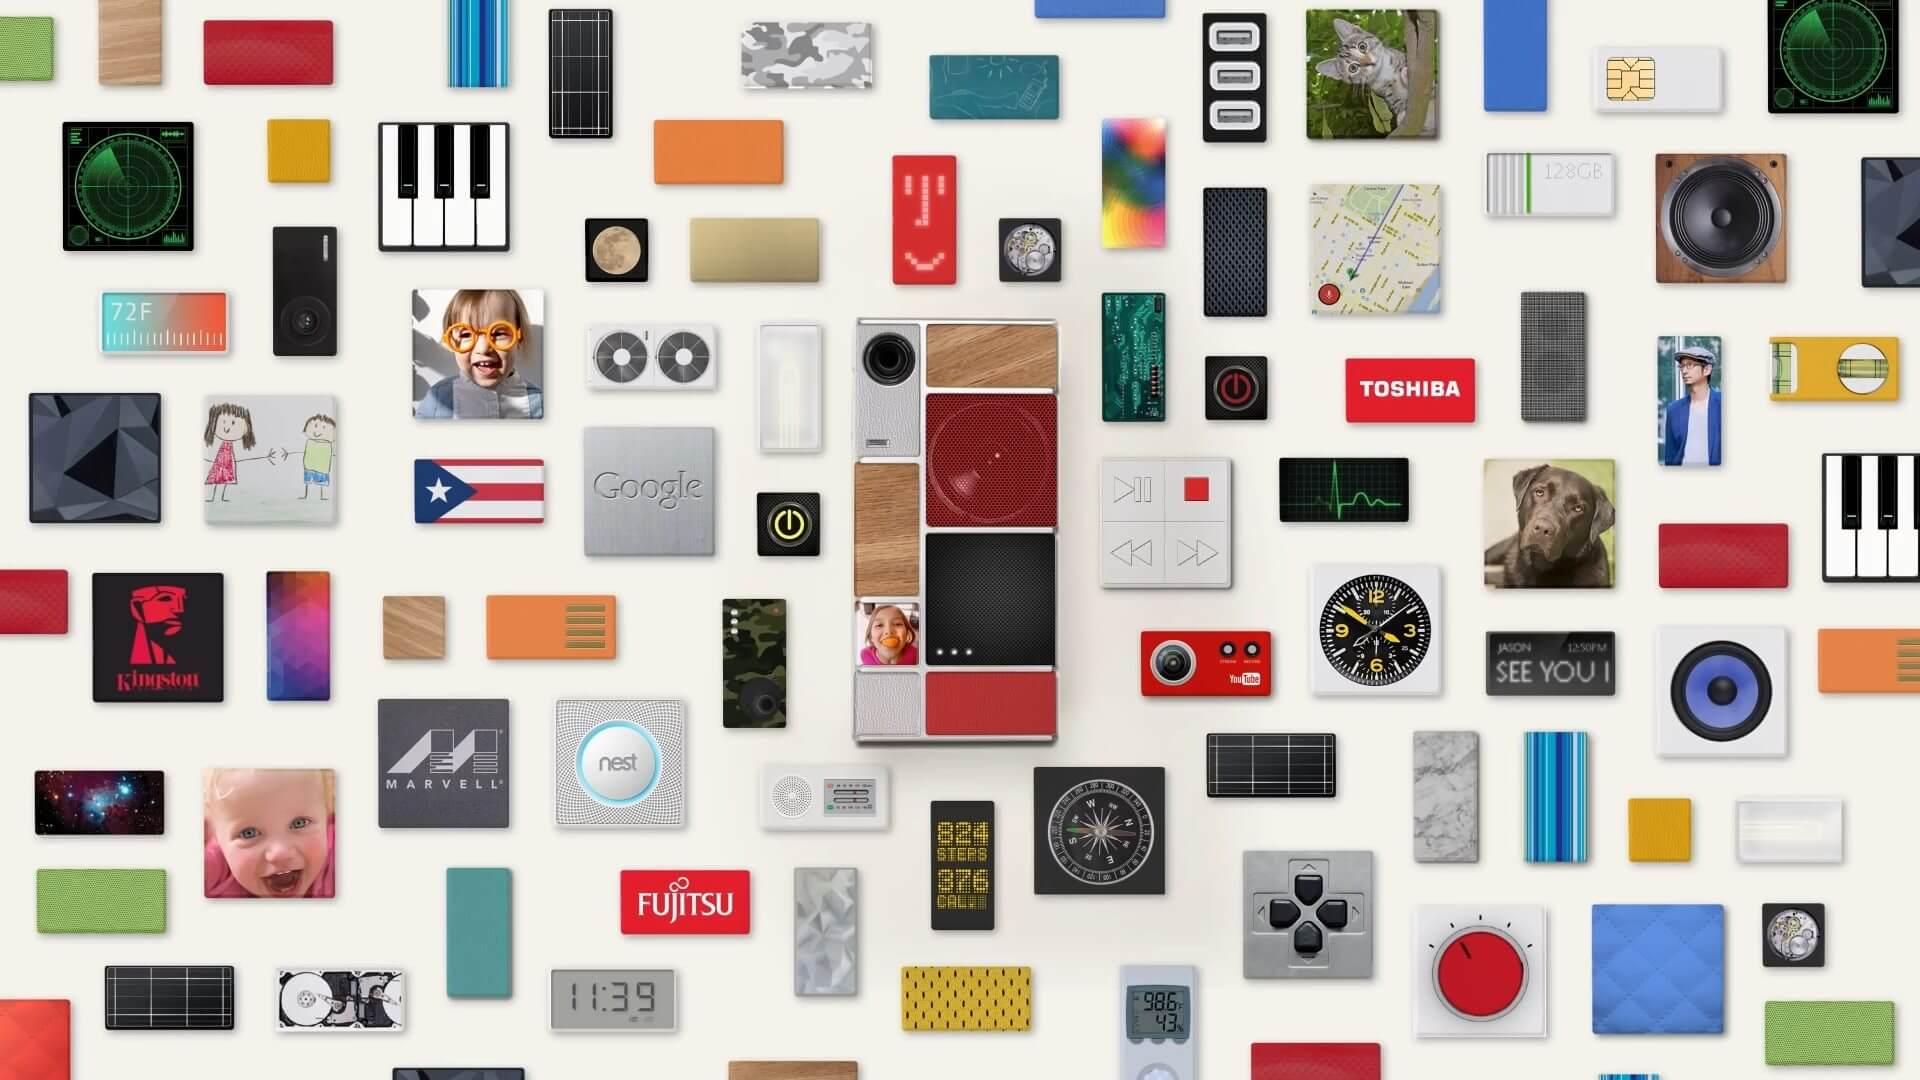 capa 4 - Google confirma volta do Projeto Ara e lançará smartphone modular de fabricação própria